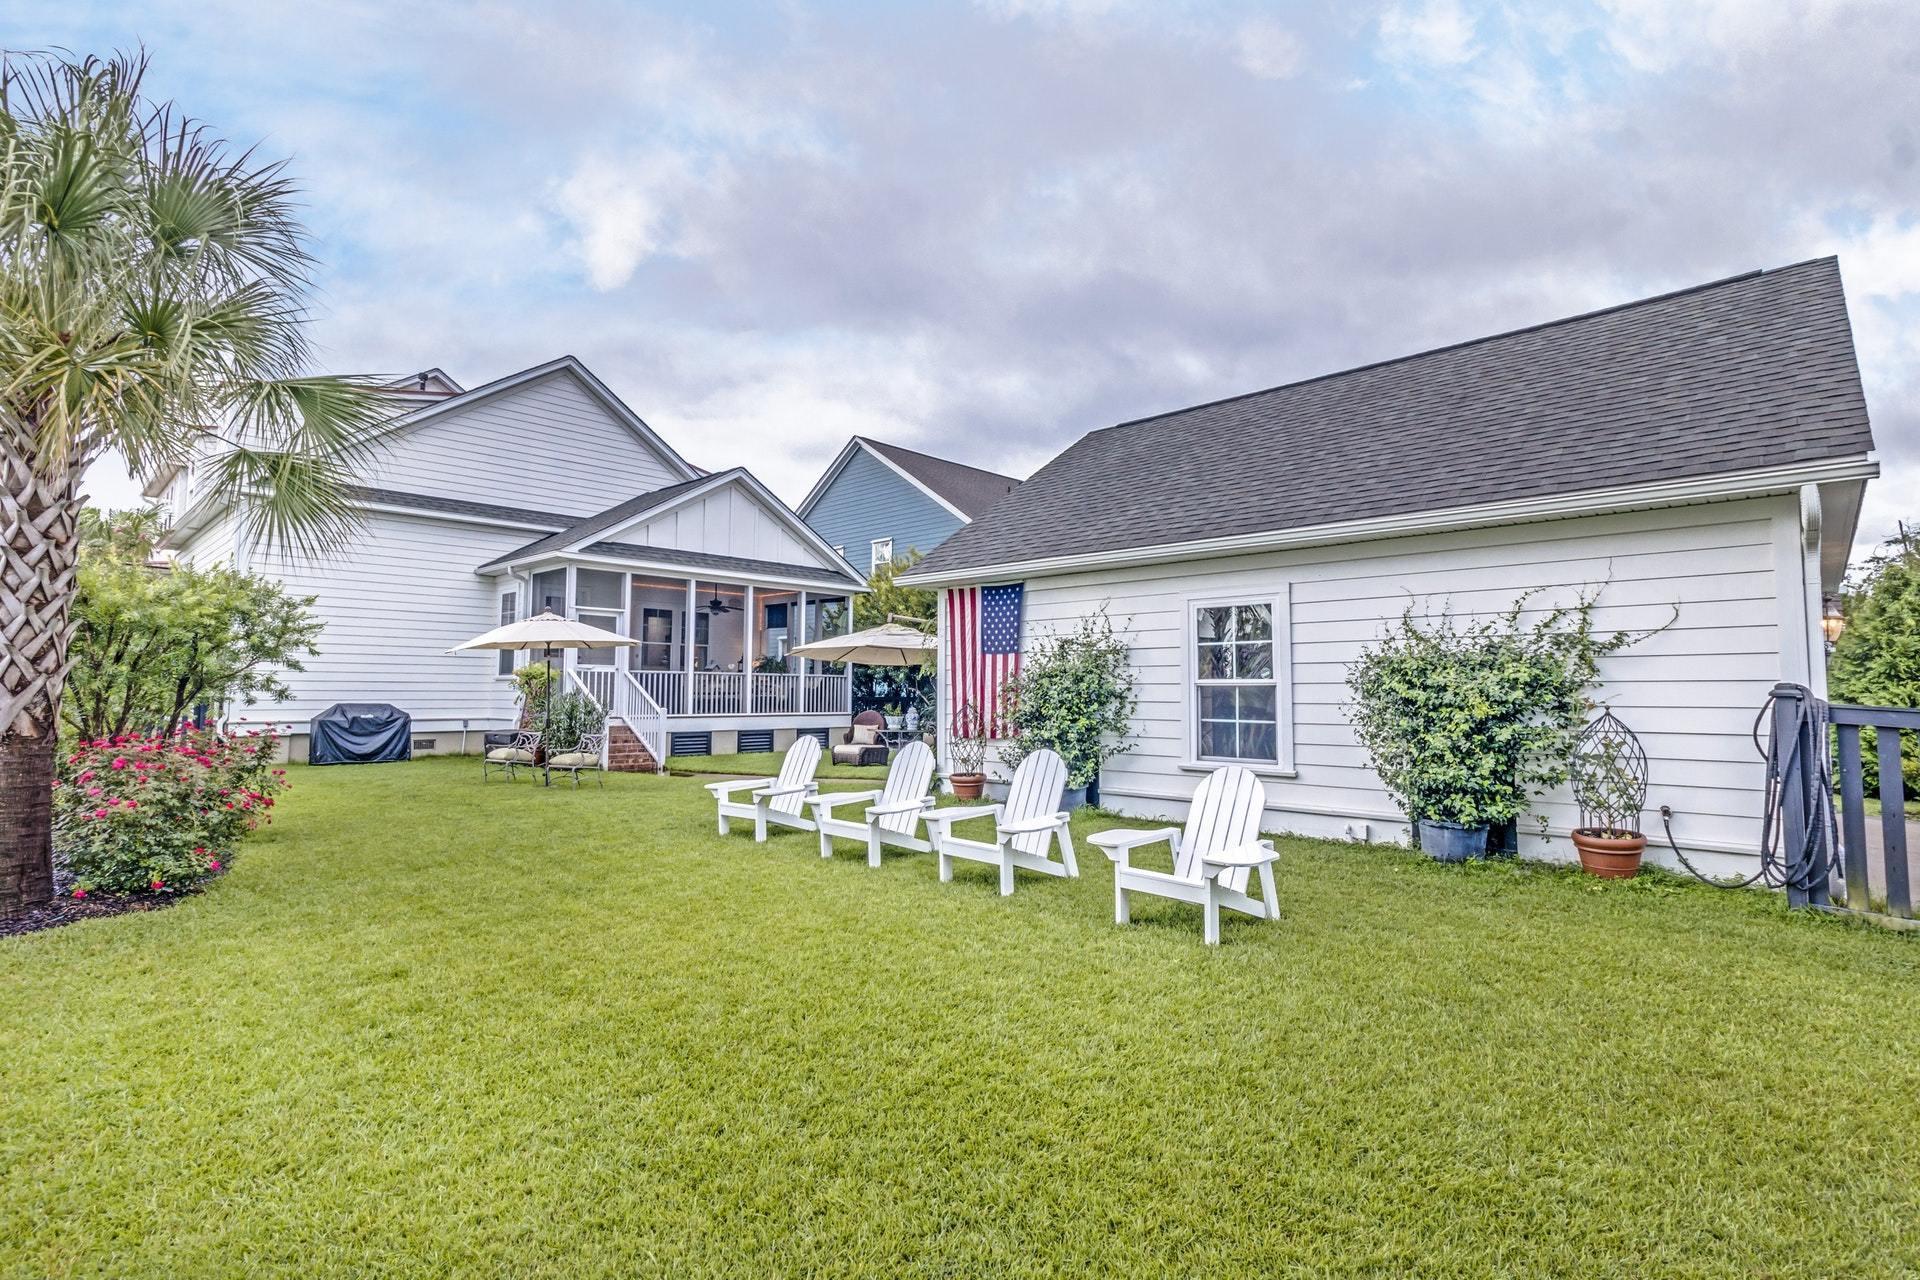 Dunes West Homes For Sale - 2816 River Vista, Mount Pleasant, SC - 25